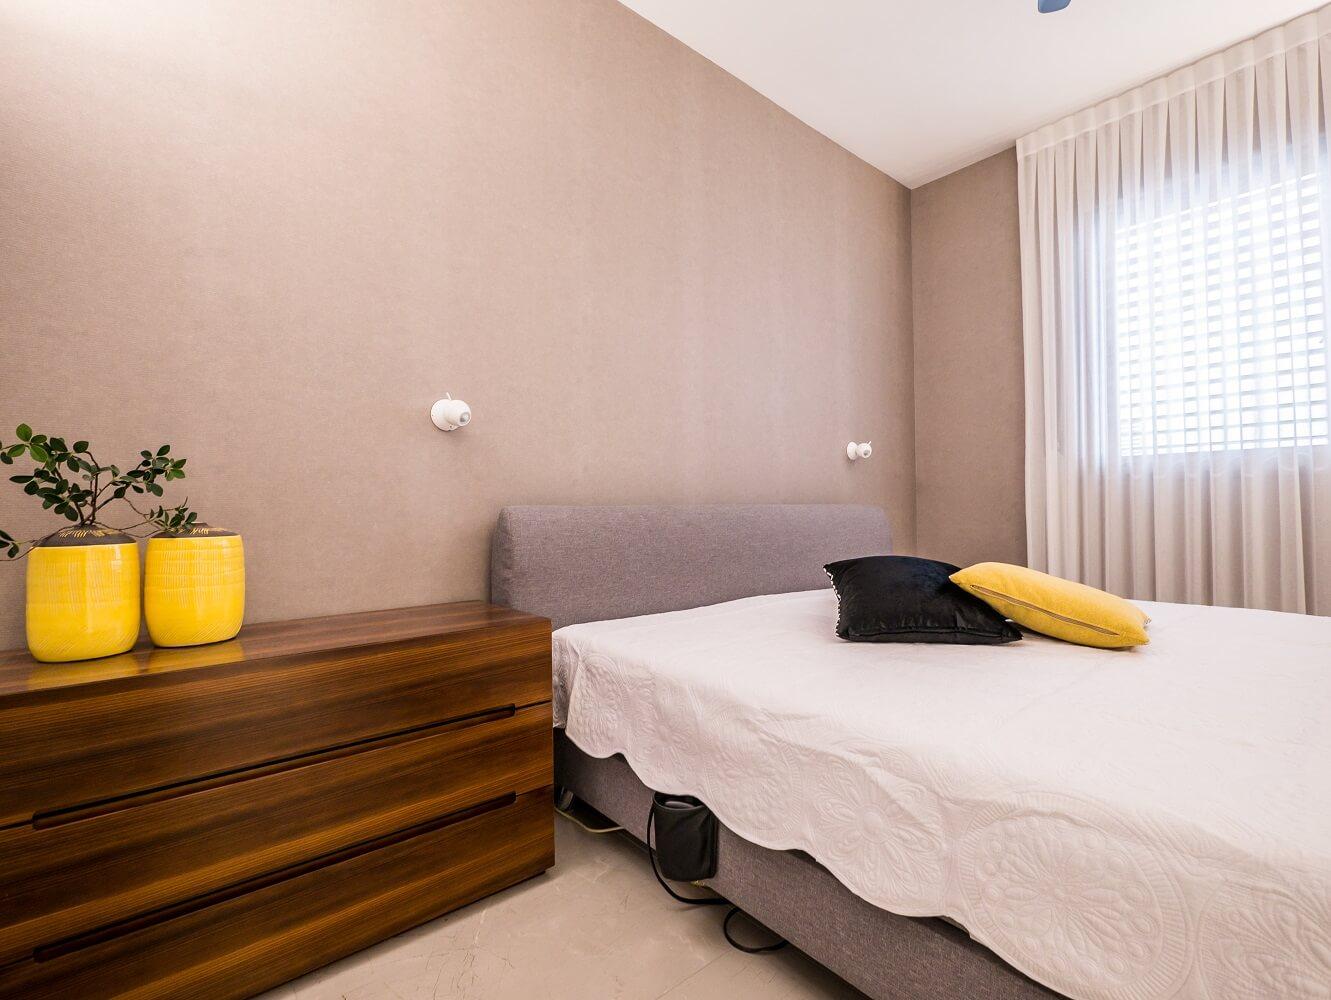 שידה יוקרתית מעץ לחדר השינה